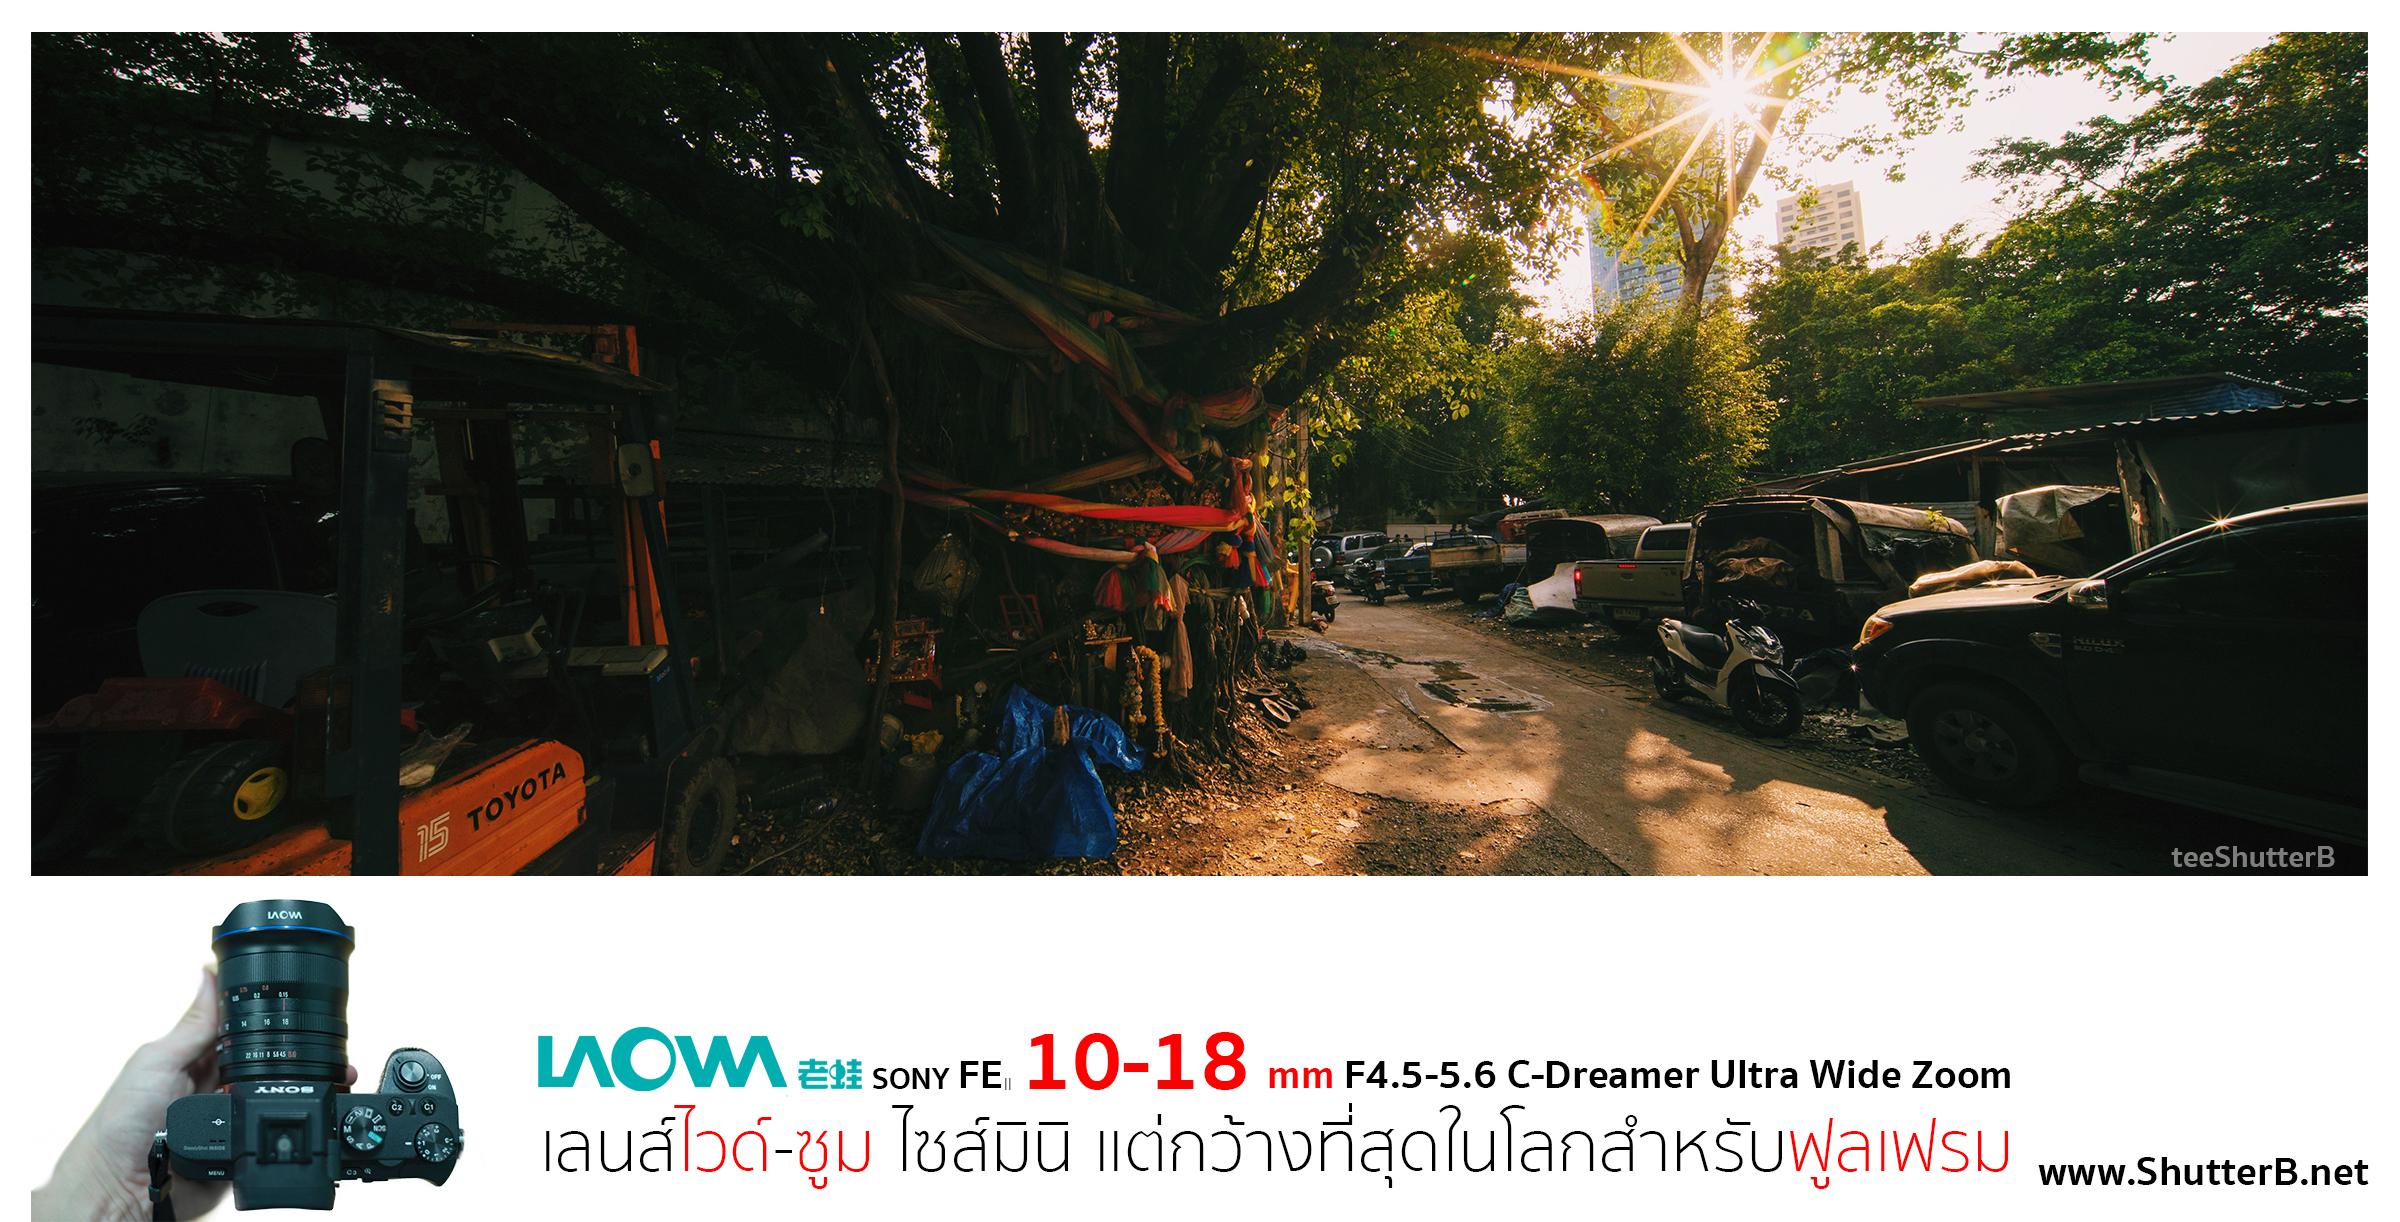 FirstTouch เลนส์ไวด์ซูม(ฟูลเฟรม) ไซส์มินิ แต่กว้างที่สุดในโลก กับ Laowa 10-18 มิล